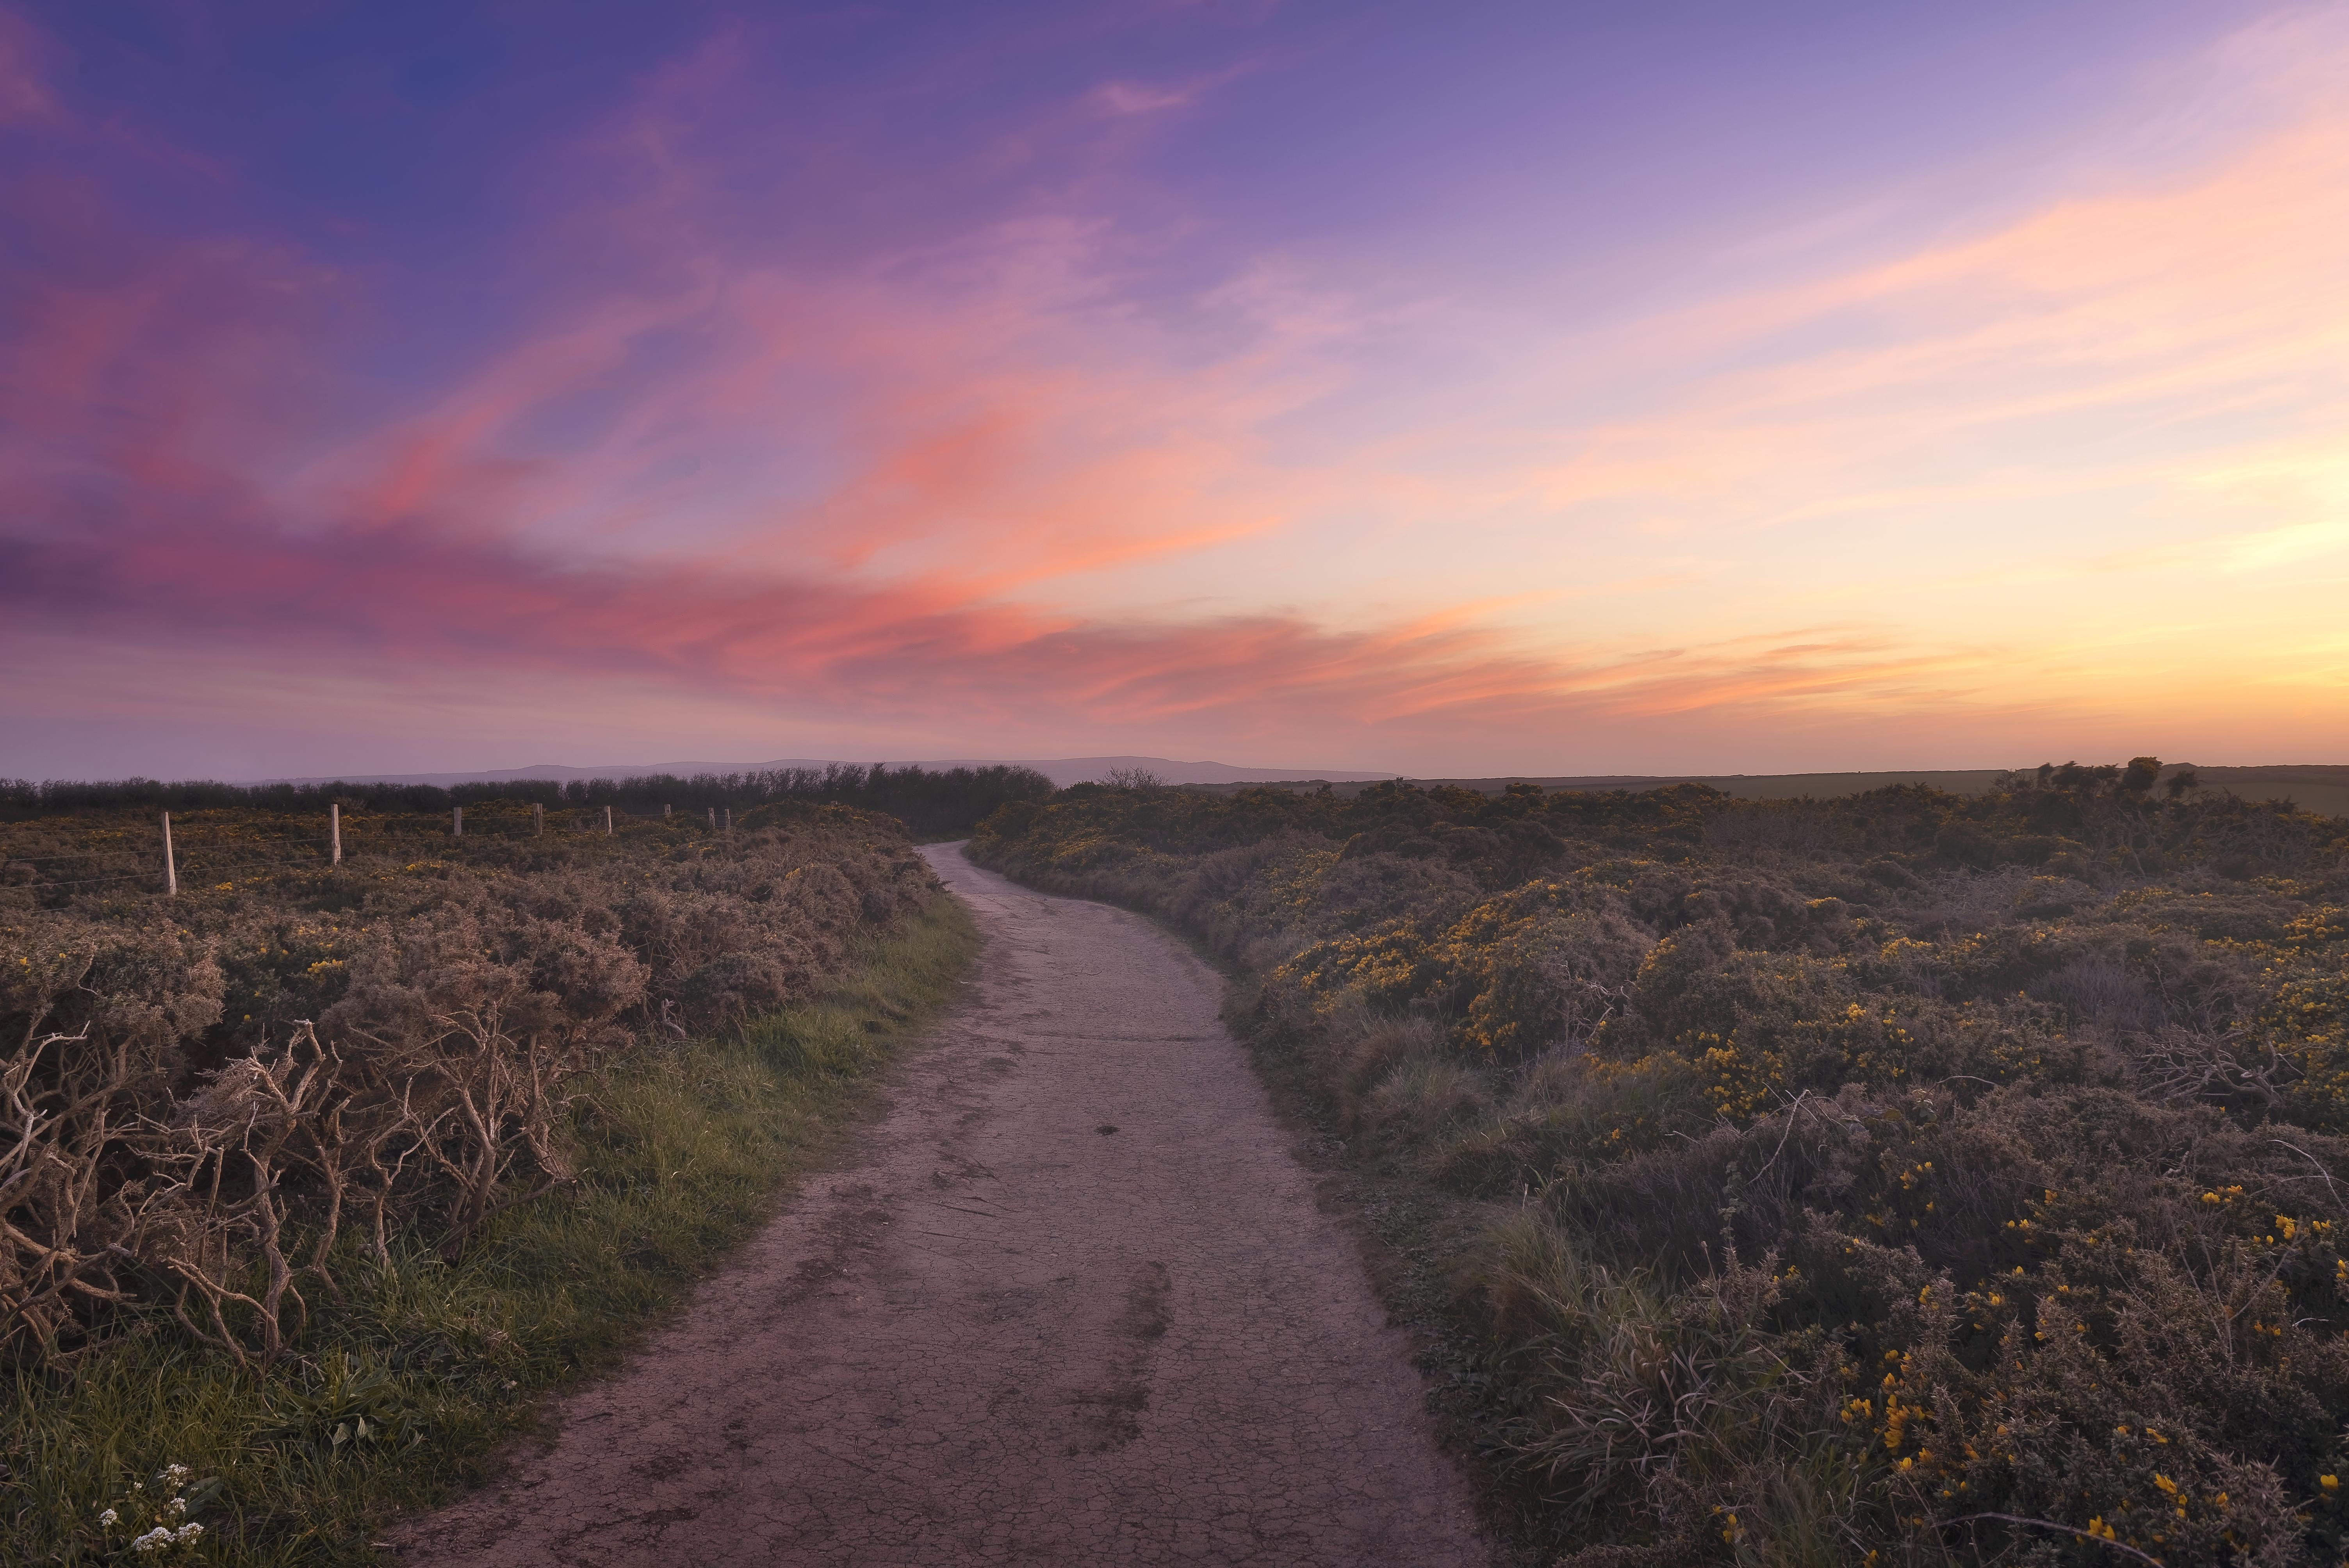 Coucher de soleil rose - Cornouailles